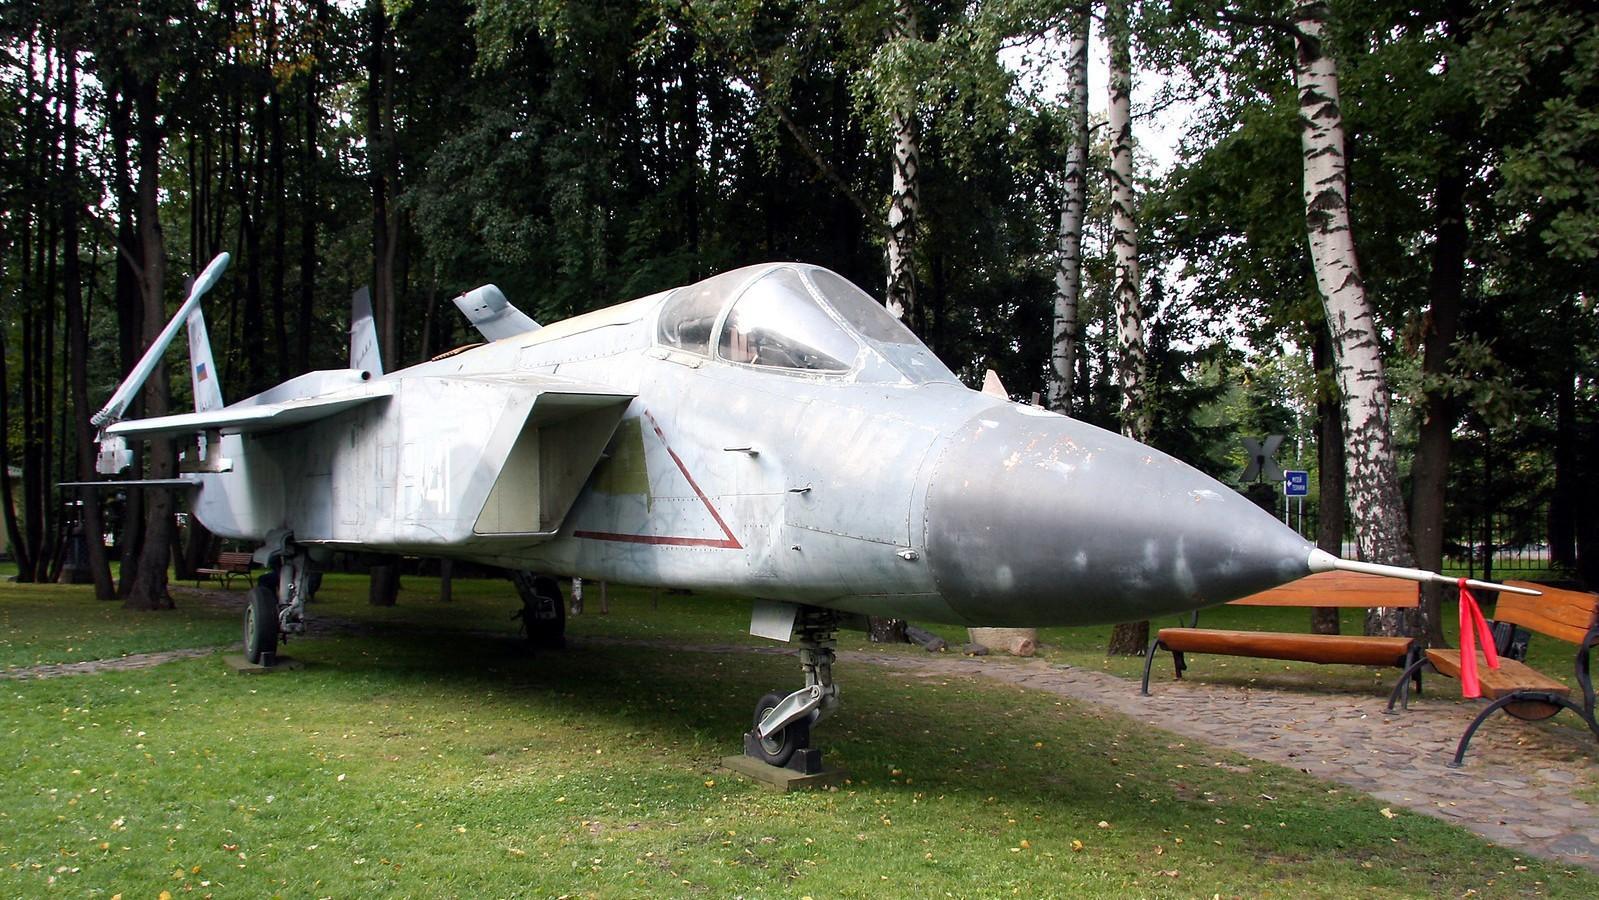 Jak-141 v muzeju Vadima Zadorožnega